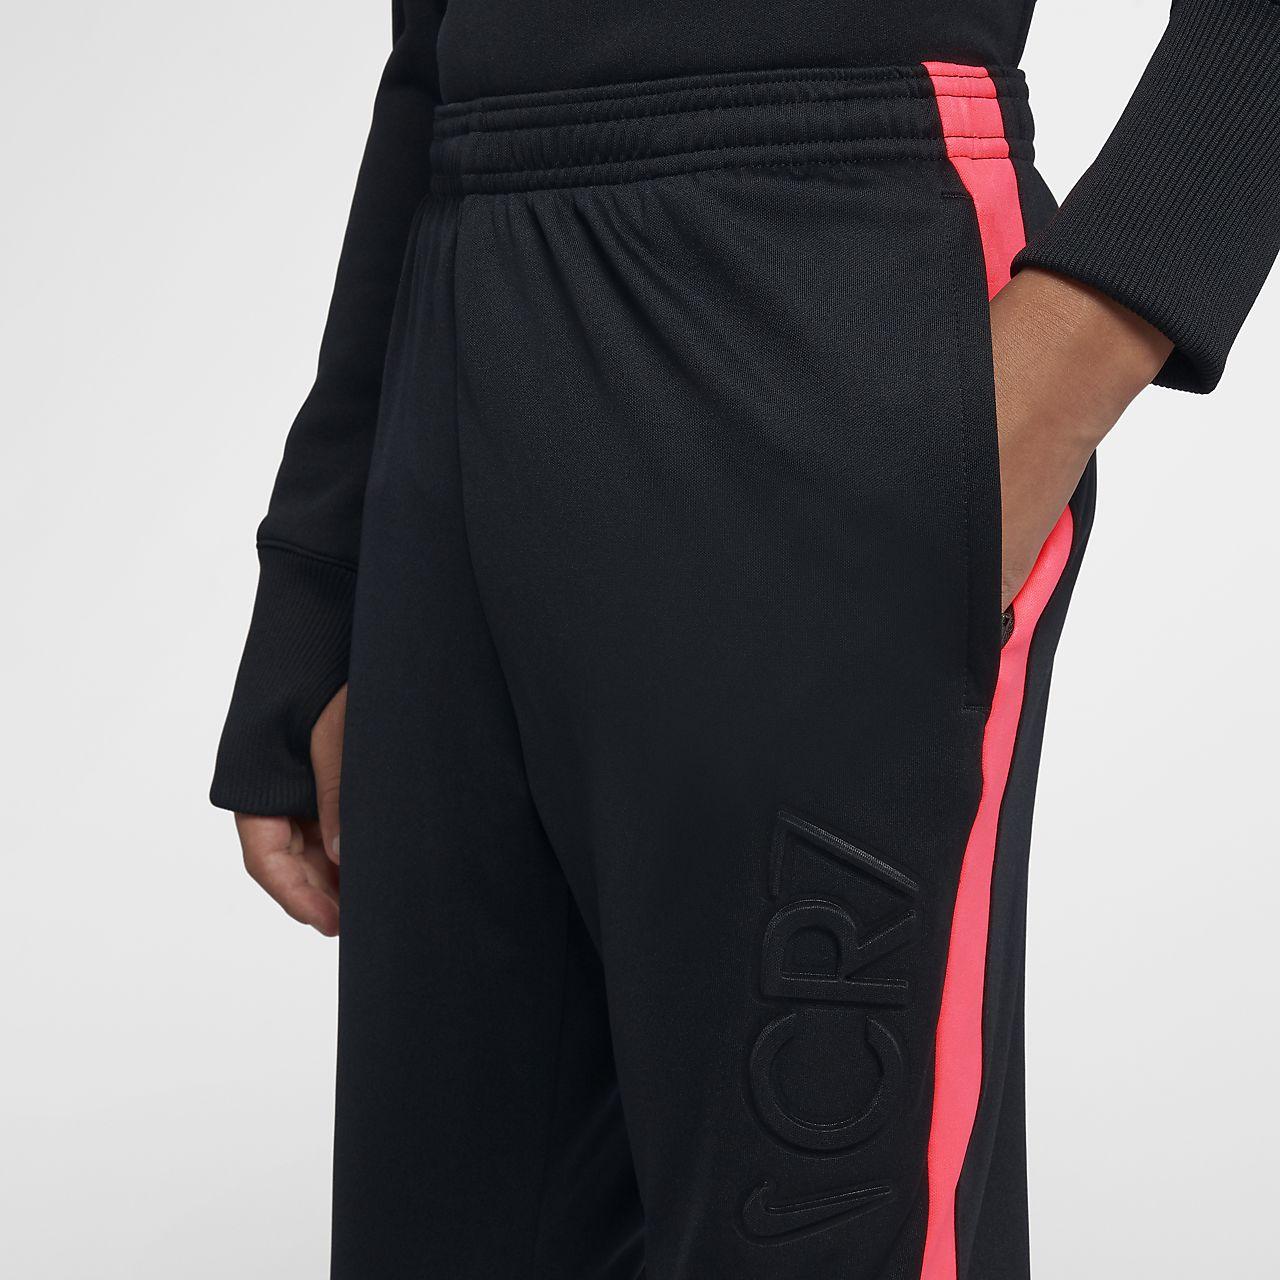 Pantalones de fútbol para niño talla grande Nike Dri-FIT CR7. Nike ... 68d55cf379b88